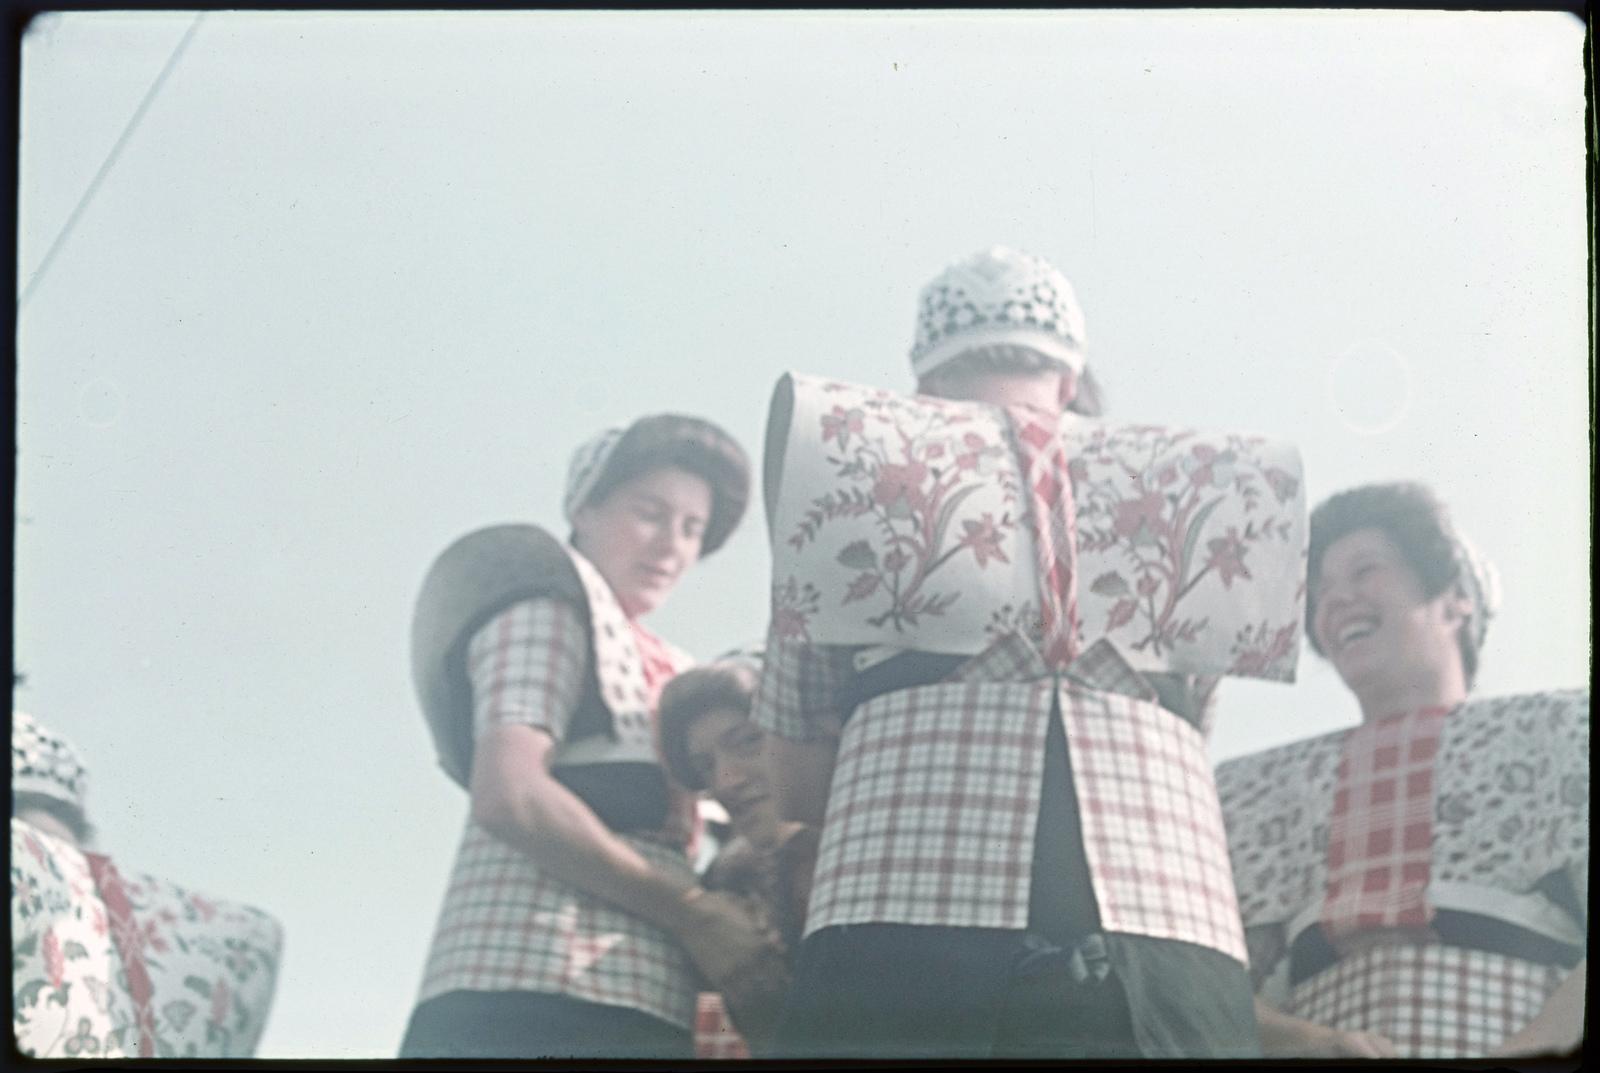 Vrouwen in klederdracht tijdens de Spakenburger dagen.